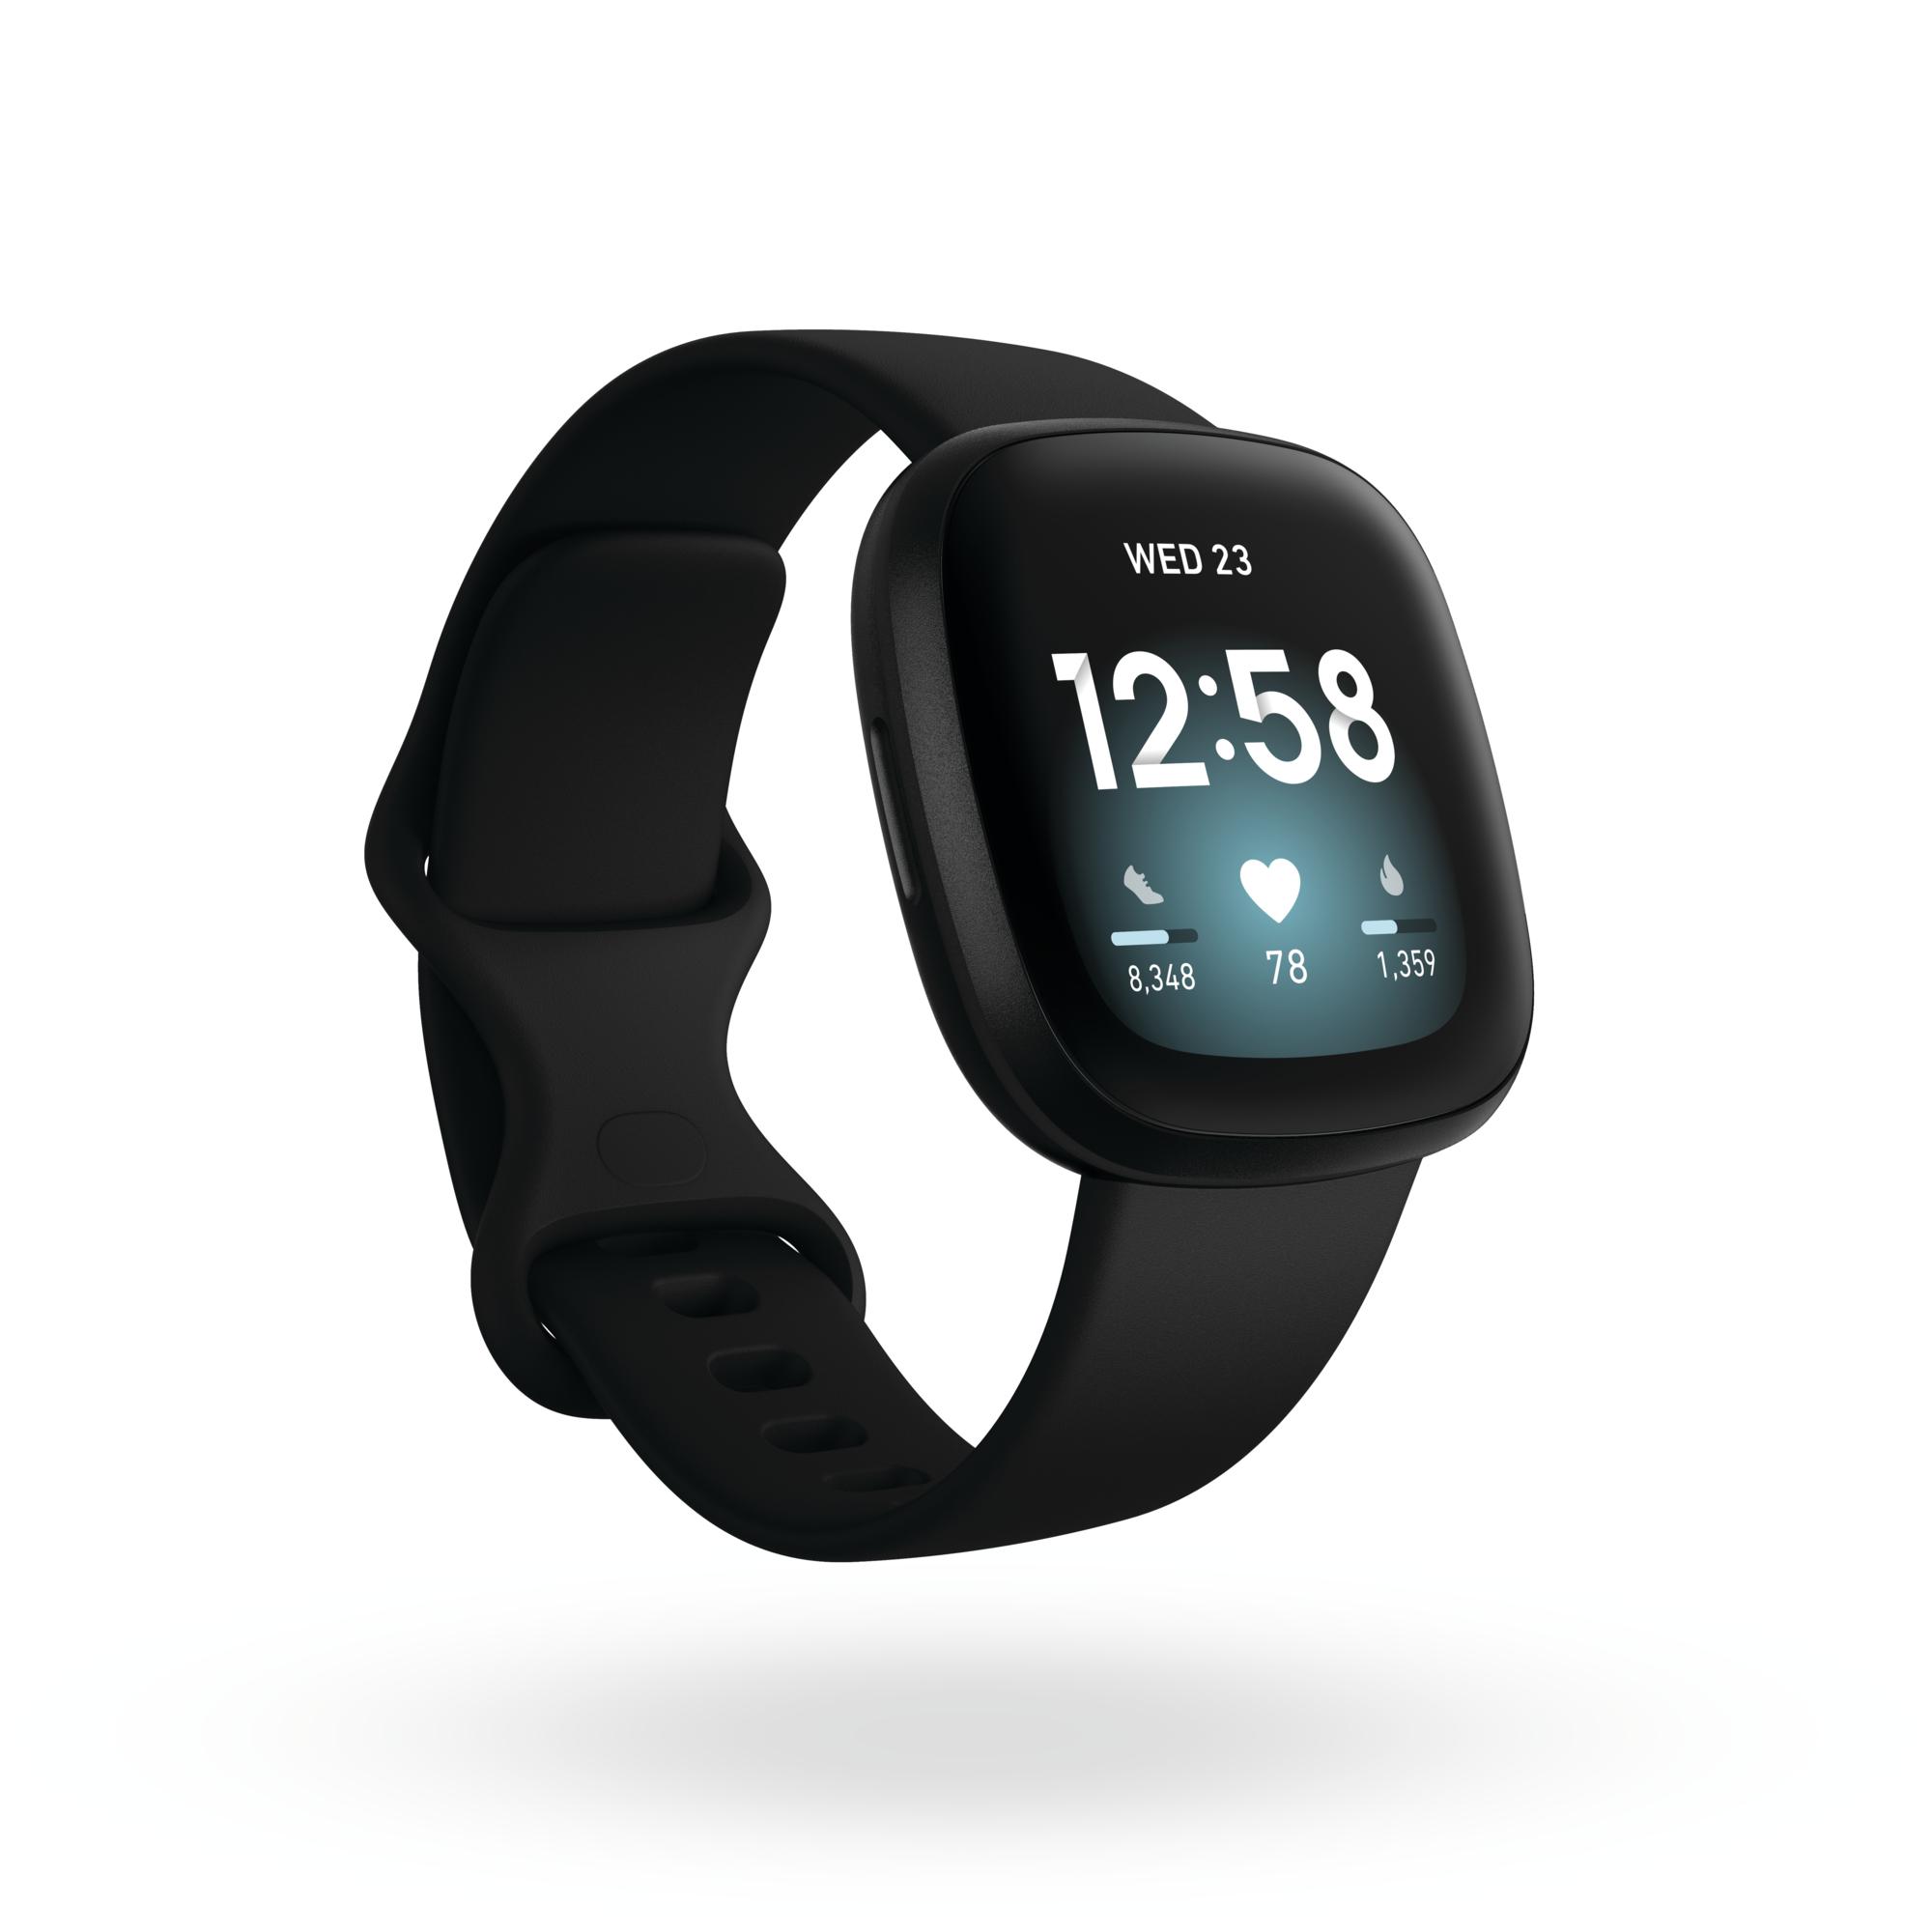 Fitbit prezentuje trzy nowe urządzenia. Gratka dla fanów dbania o zdrowie 21 Fitbit